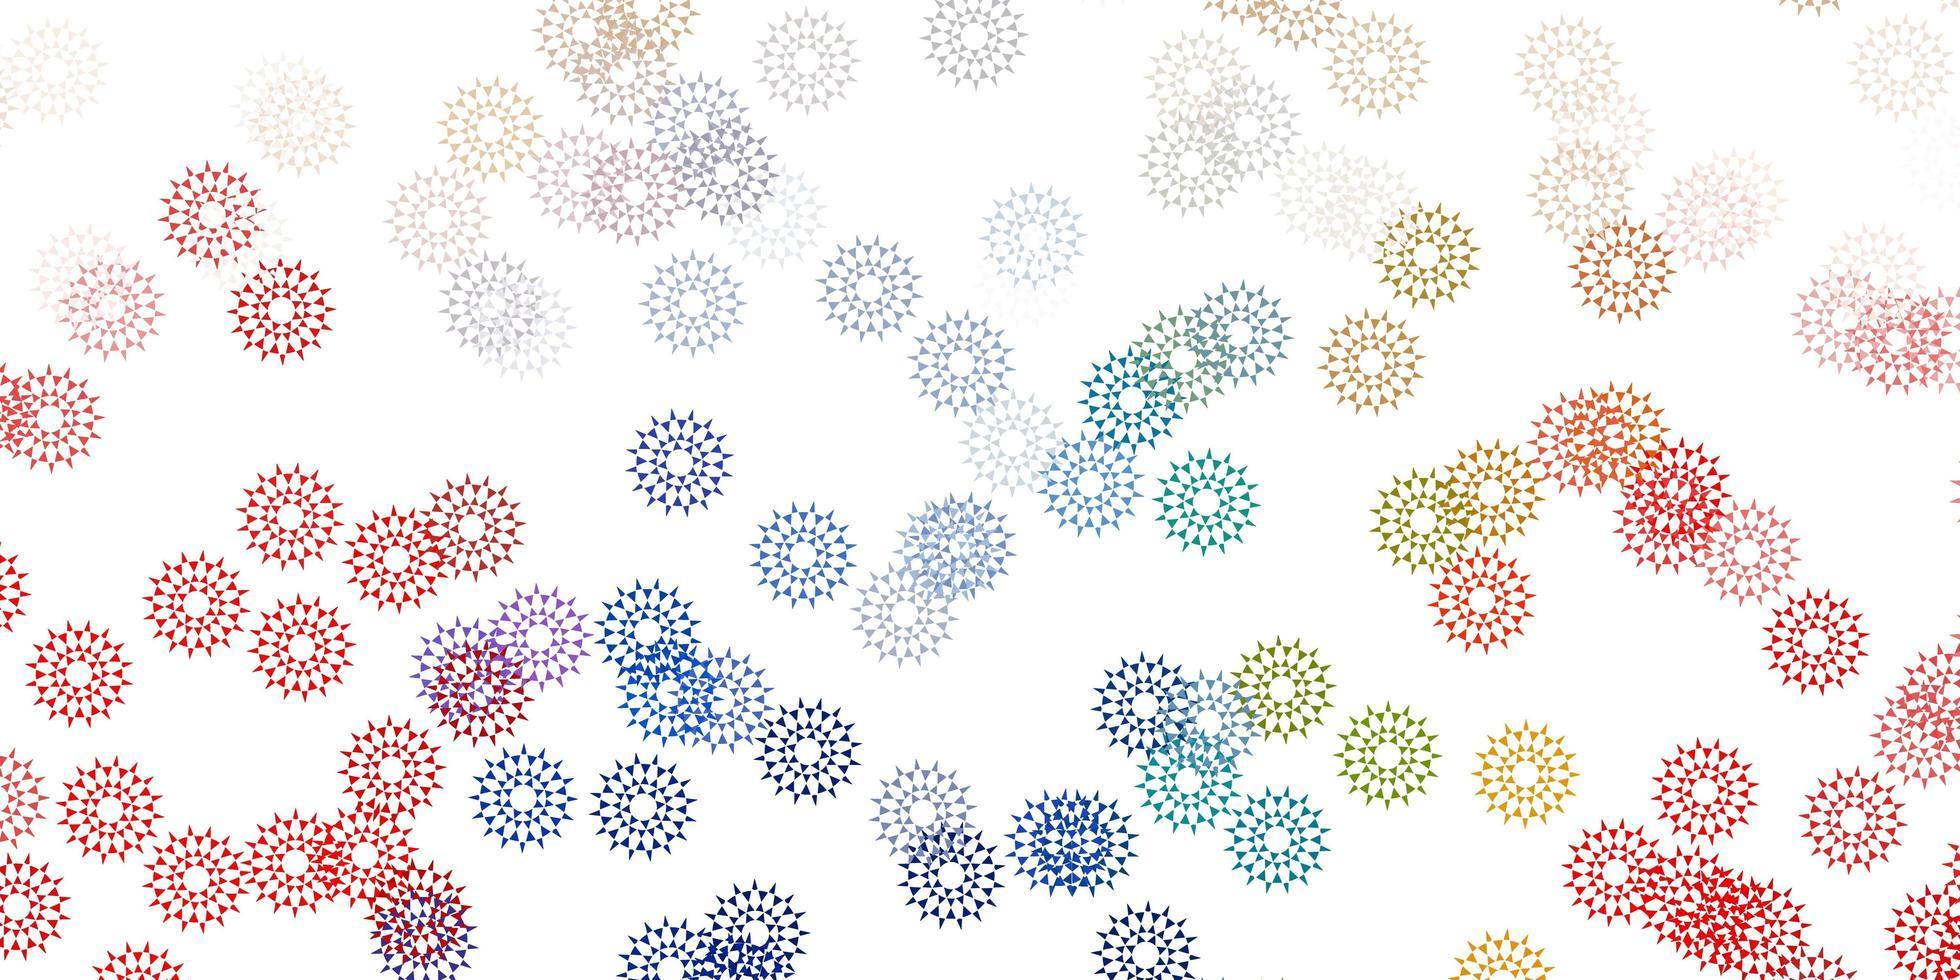 Telón de fondo natural de vector azul claro, amarillo con flores.